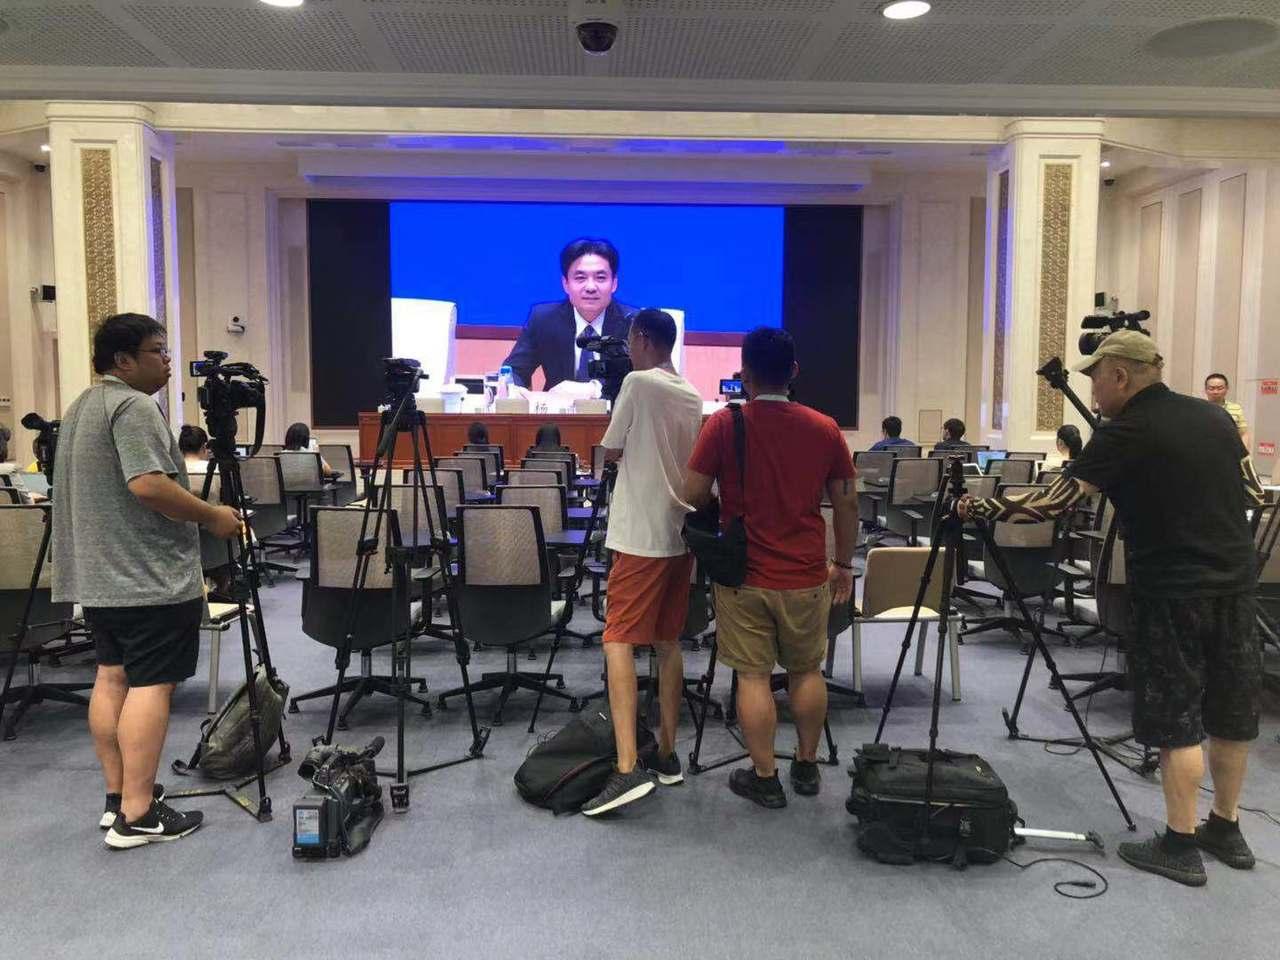 中共港澳辦下午舉行記者會談香港局勢,但包括台媒在內的多家媒體只能看轉播。記者許依...